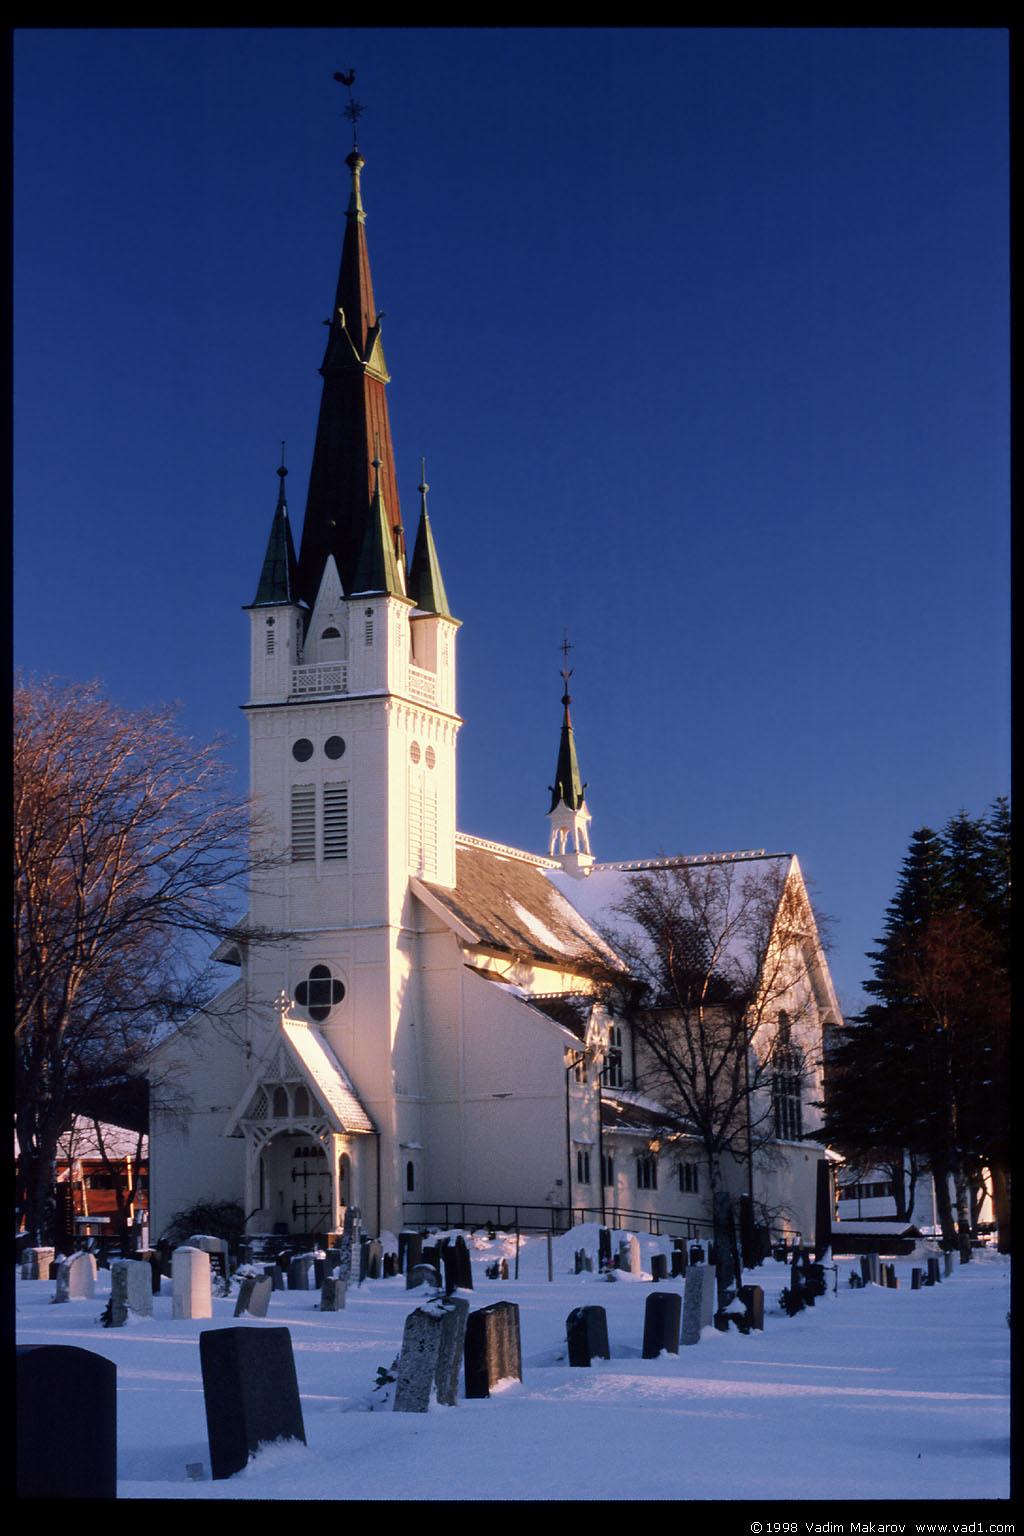 Photo Moholt kirke